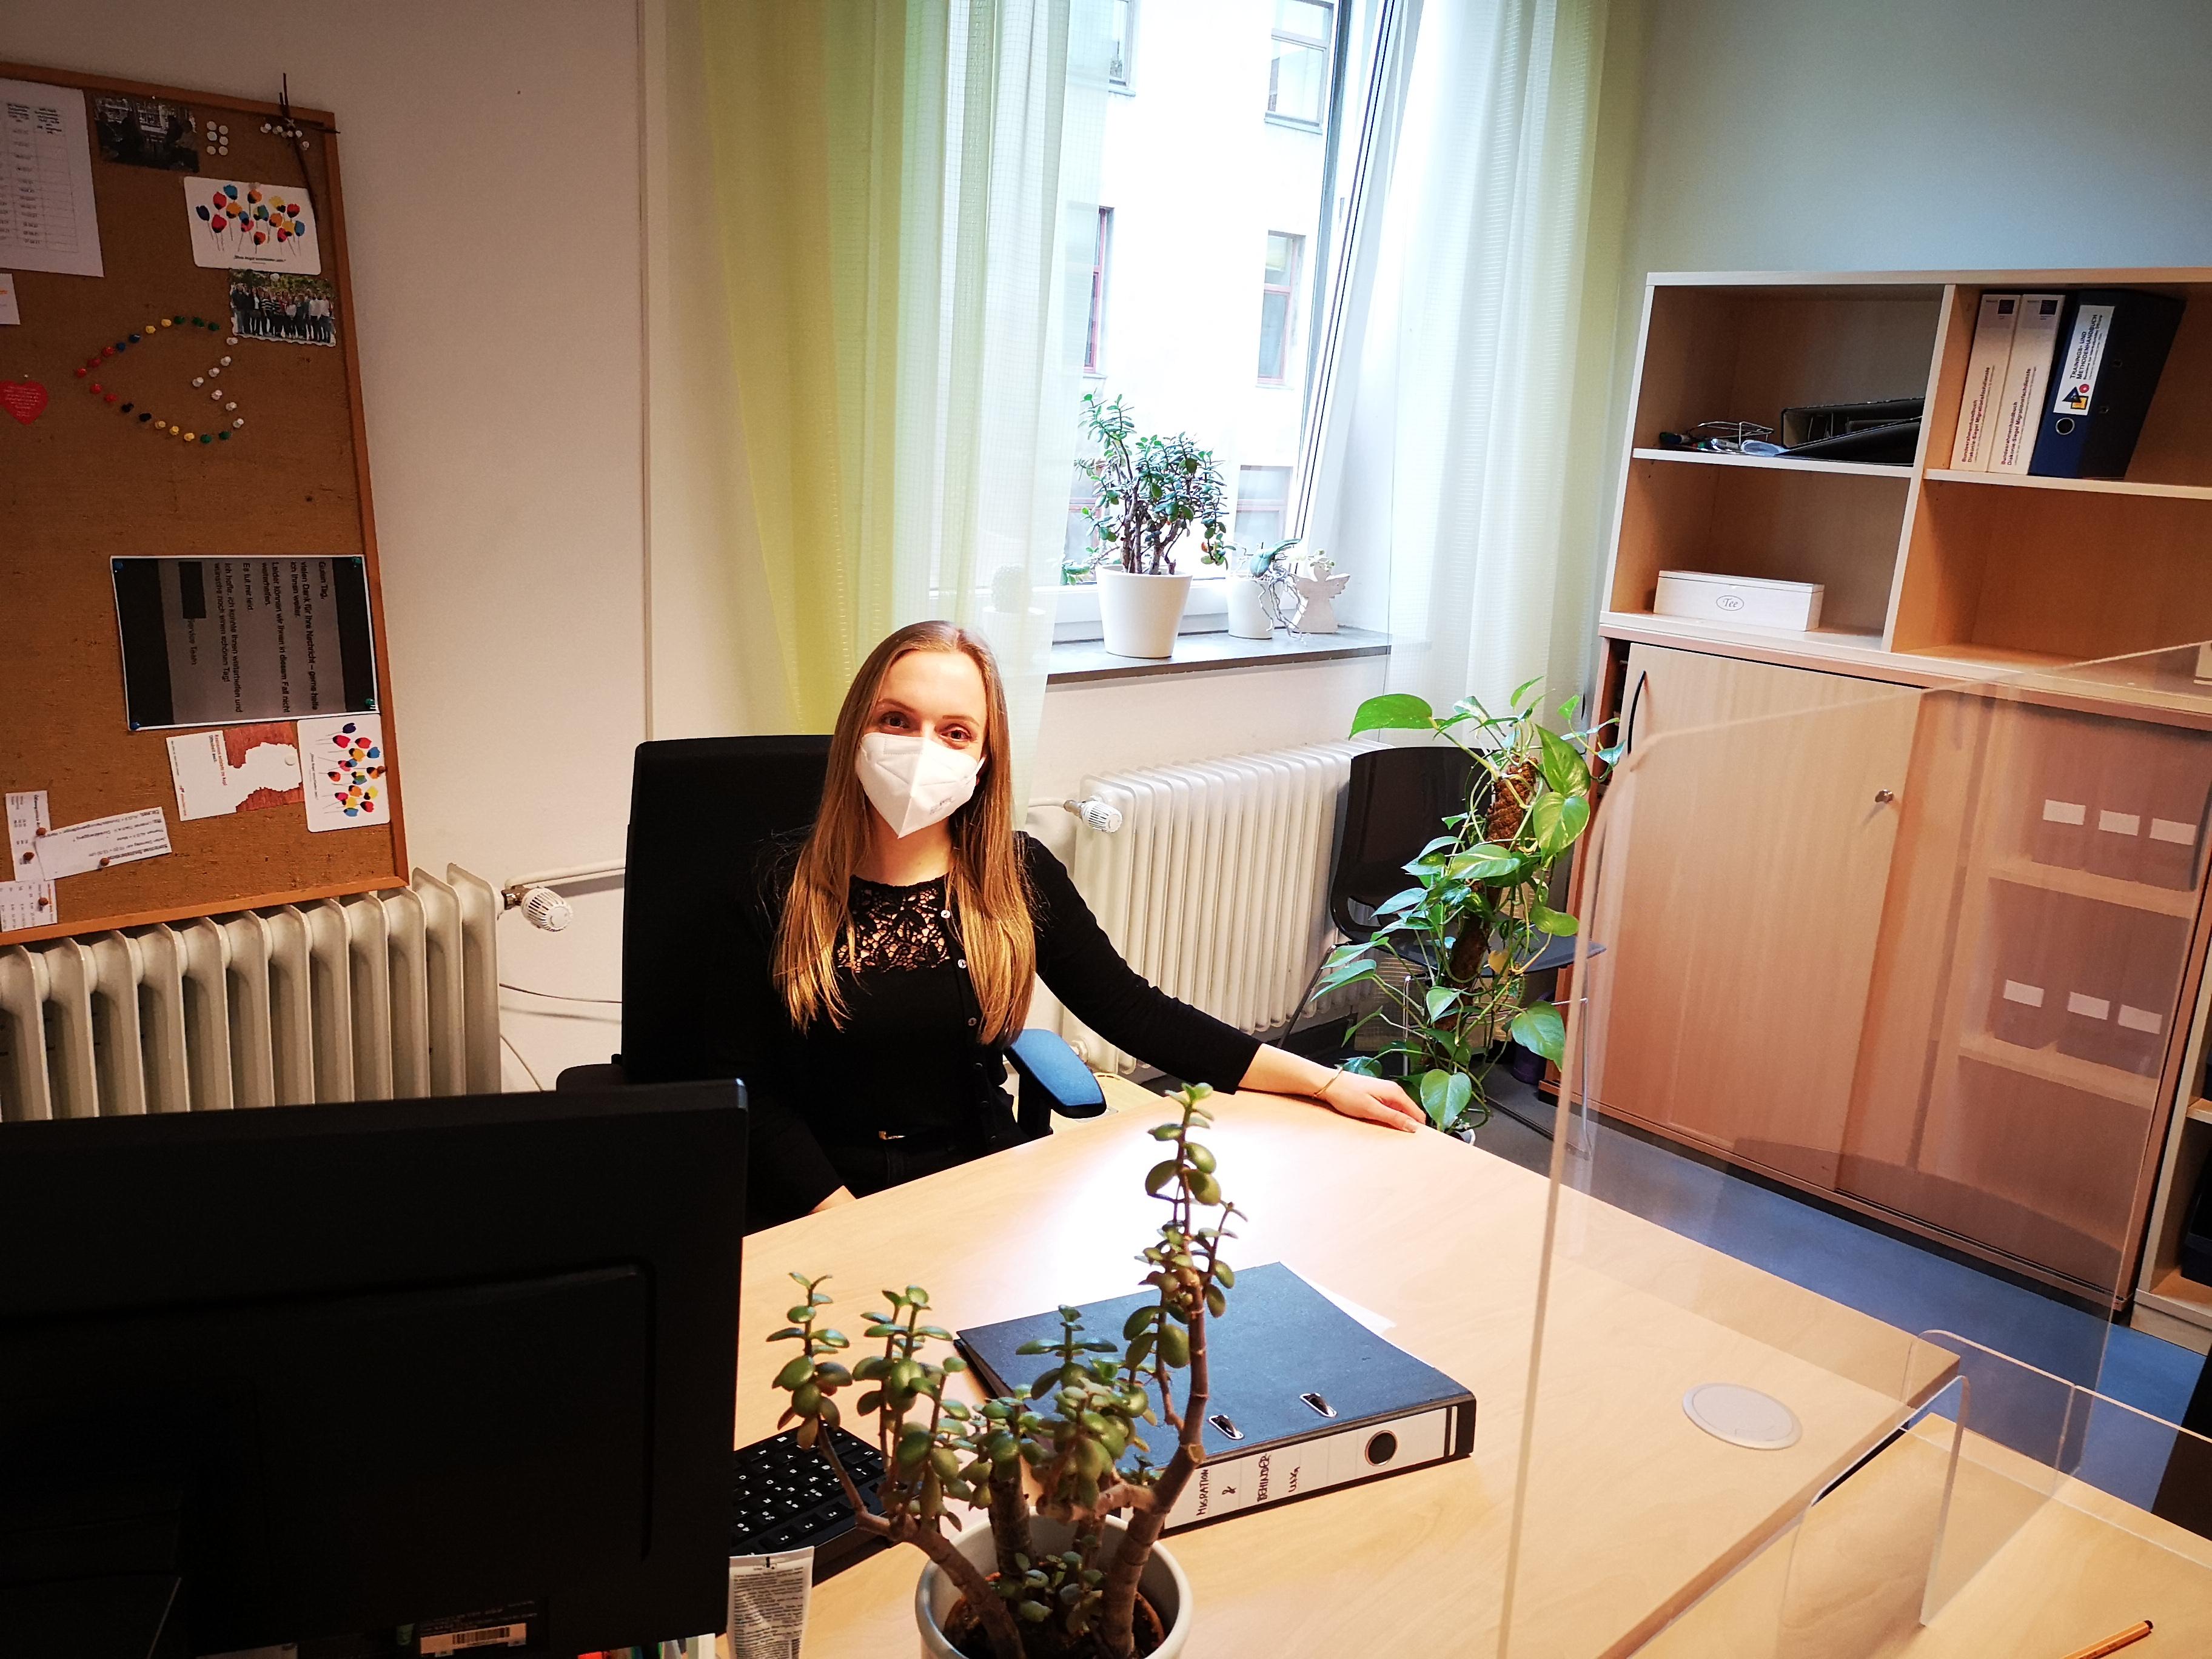 Eine Frau sitzt am Schreibtisch